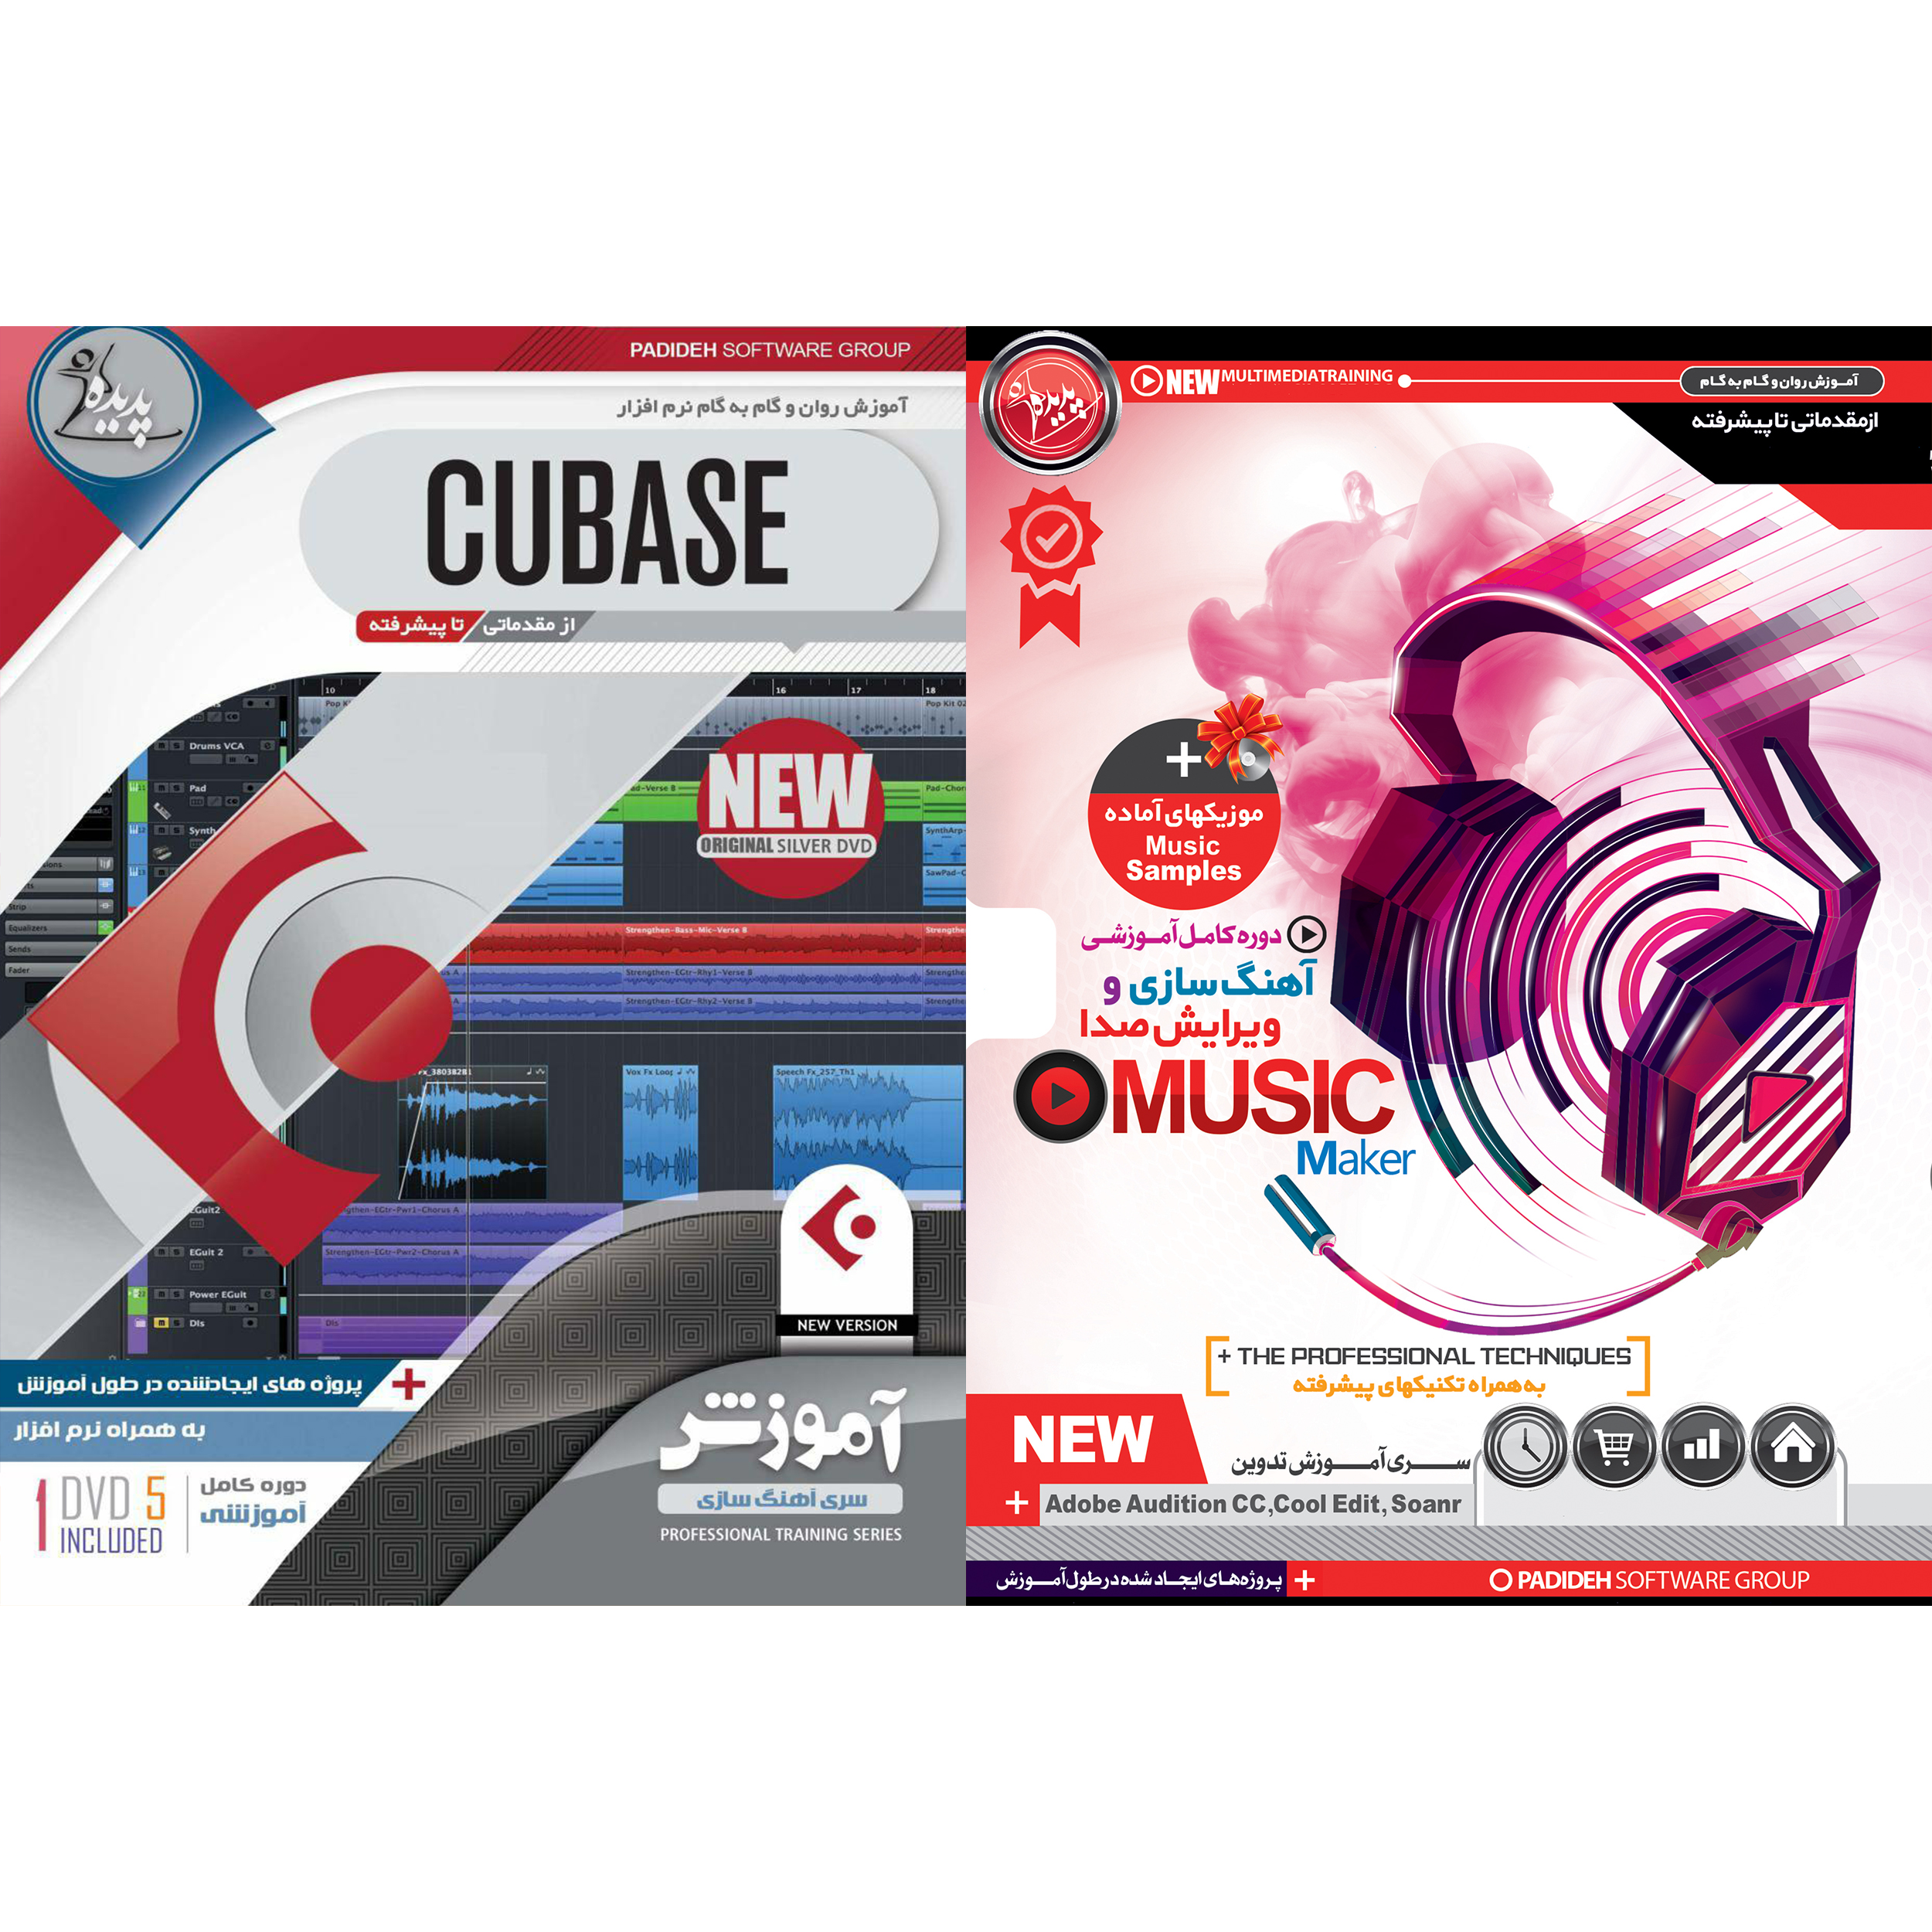 نرم افزار آموزش آهنگ سازی و ویرایش صدا نشر پدیده به همراه نرم افزار آموزش CUBASE نشر پدیده